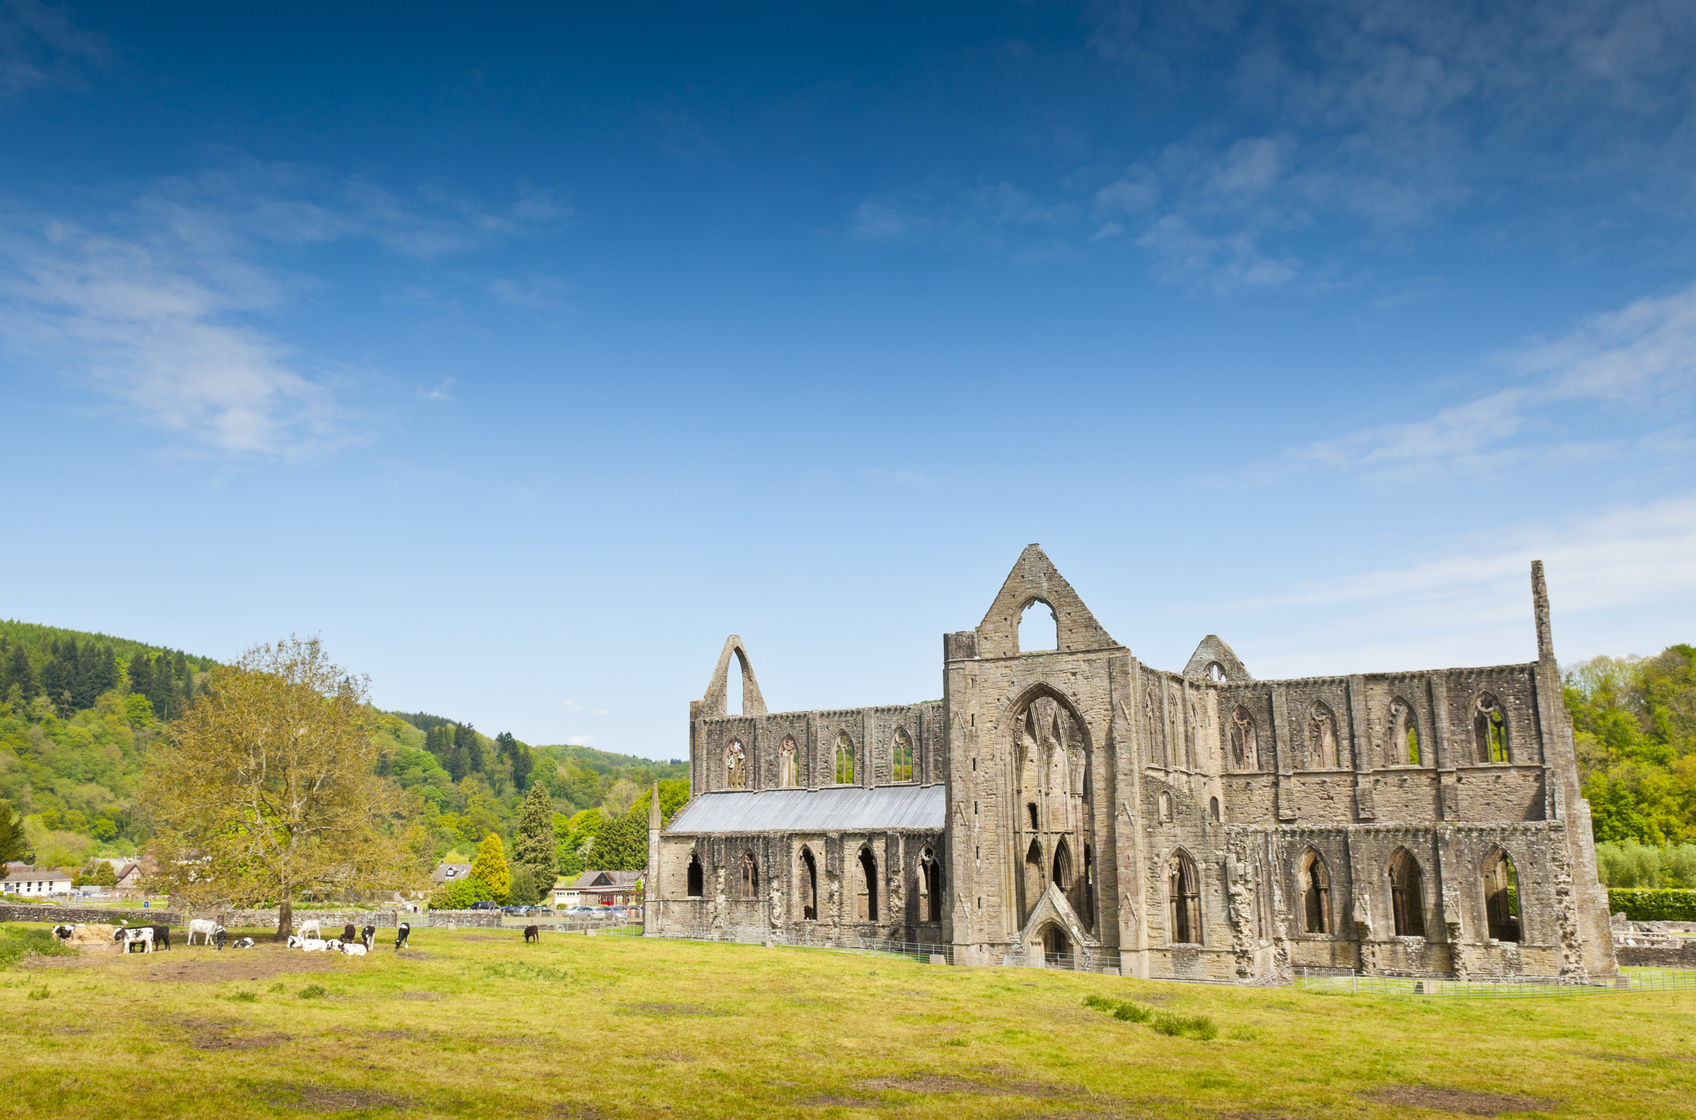 Ancient Ruins, Tintern Abbey, Wales, UK